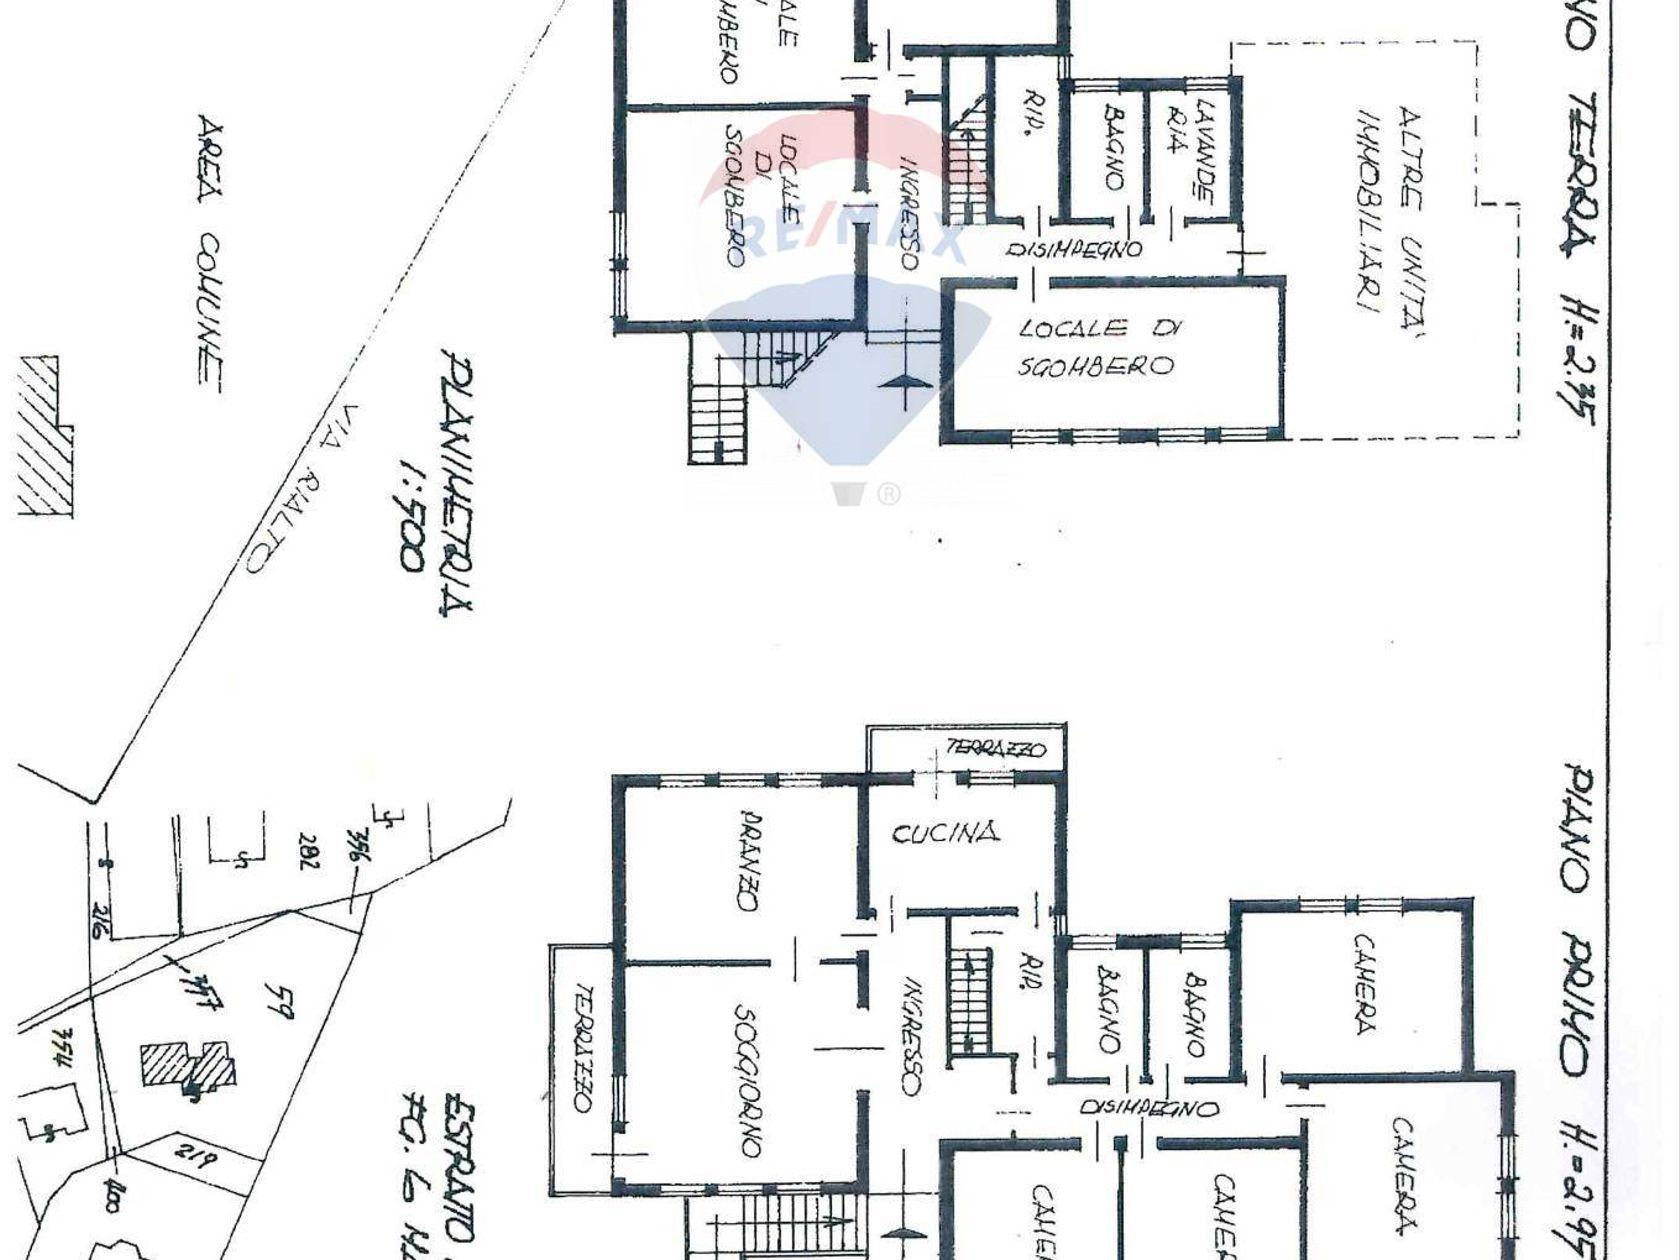 Villa singola Cona, VE Vendita - Planimetria 1